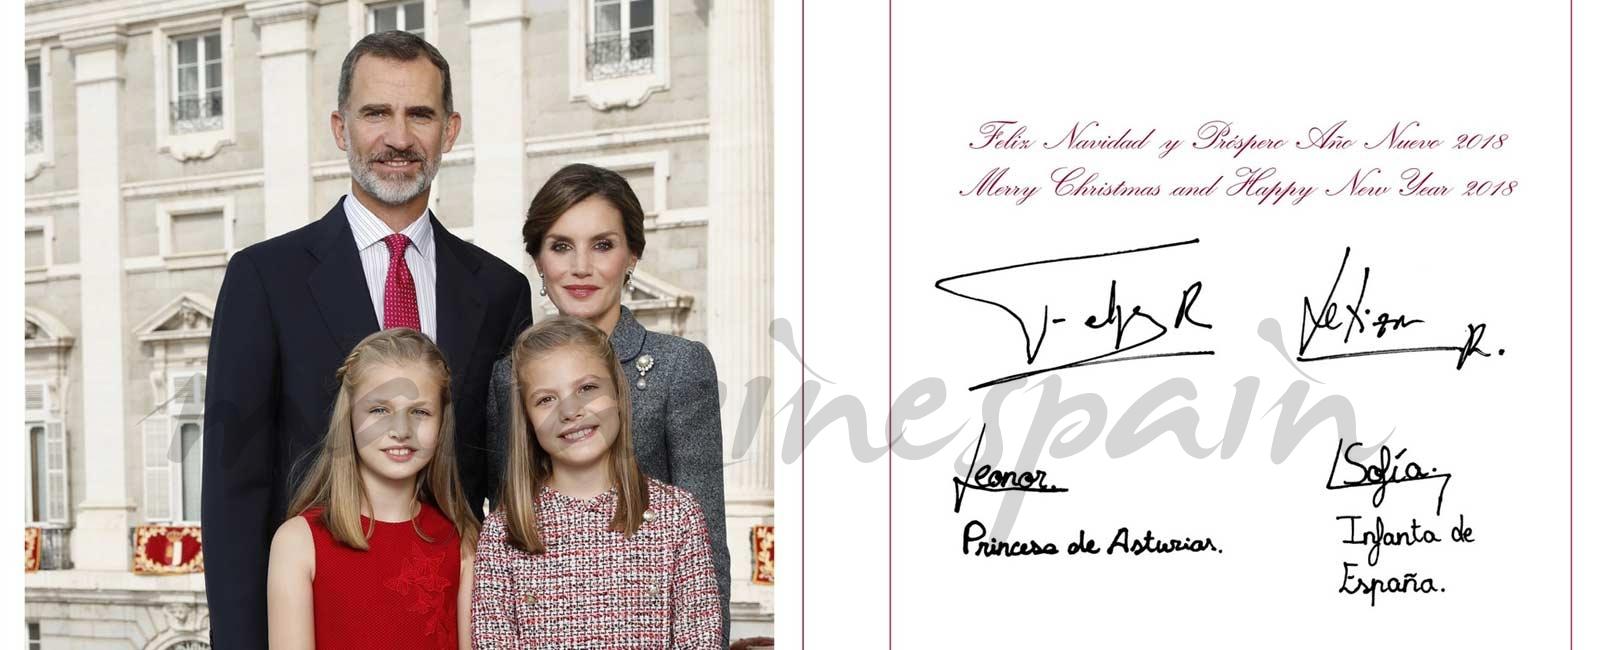 La felicitación navideña de los Reyes junto a sus hijas